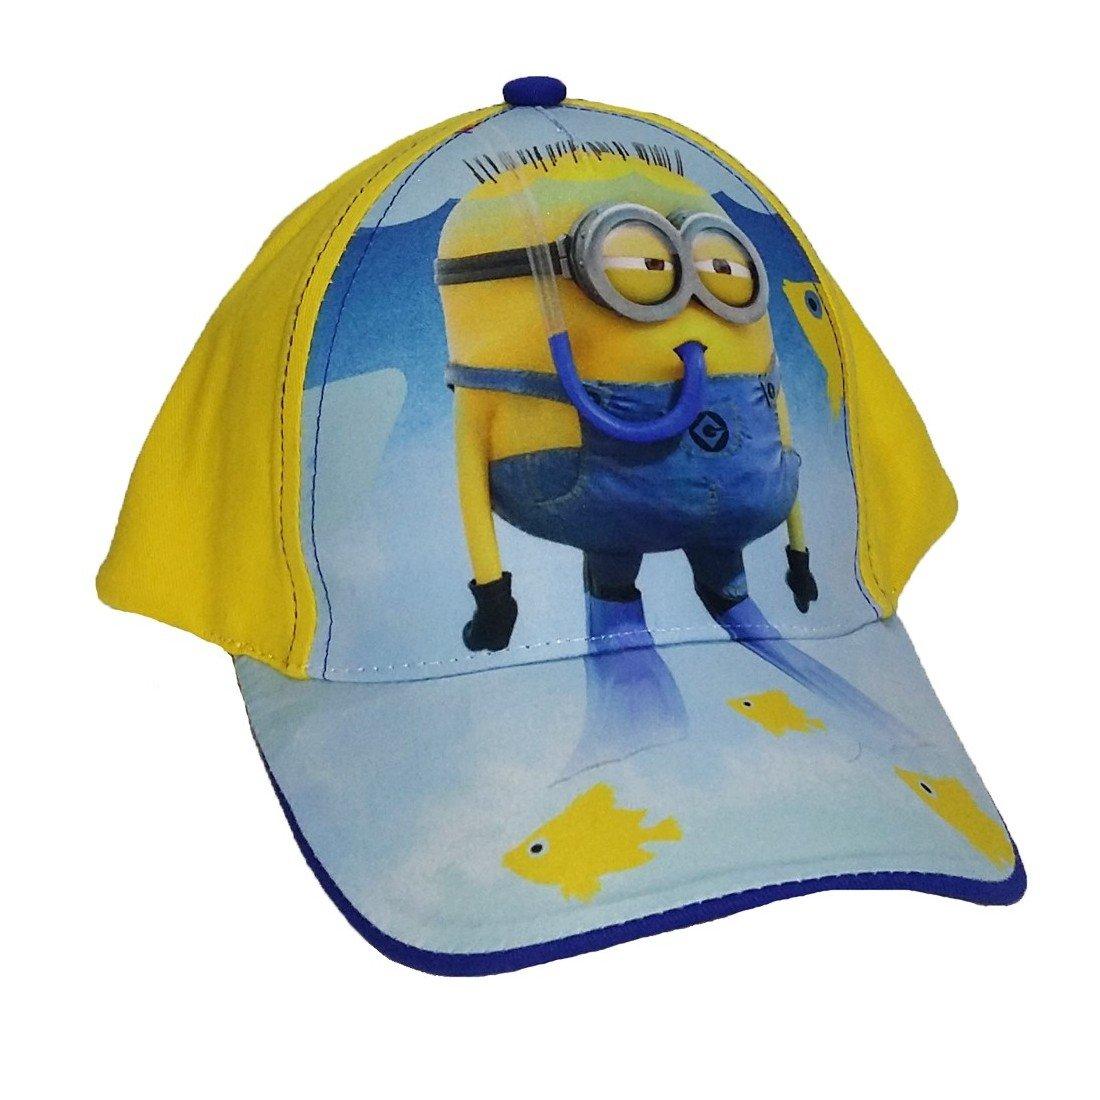 Cappello bambini in cotone con visiera Minions regolabile cod  976 Giallo e  Blu  Amazon.it  Salute e cura della persona f977a57ef5b6